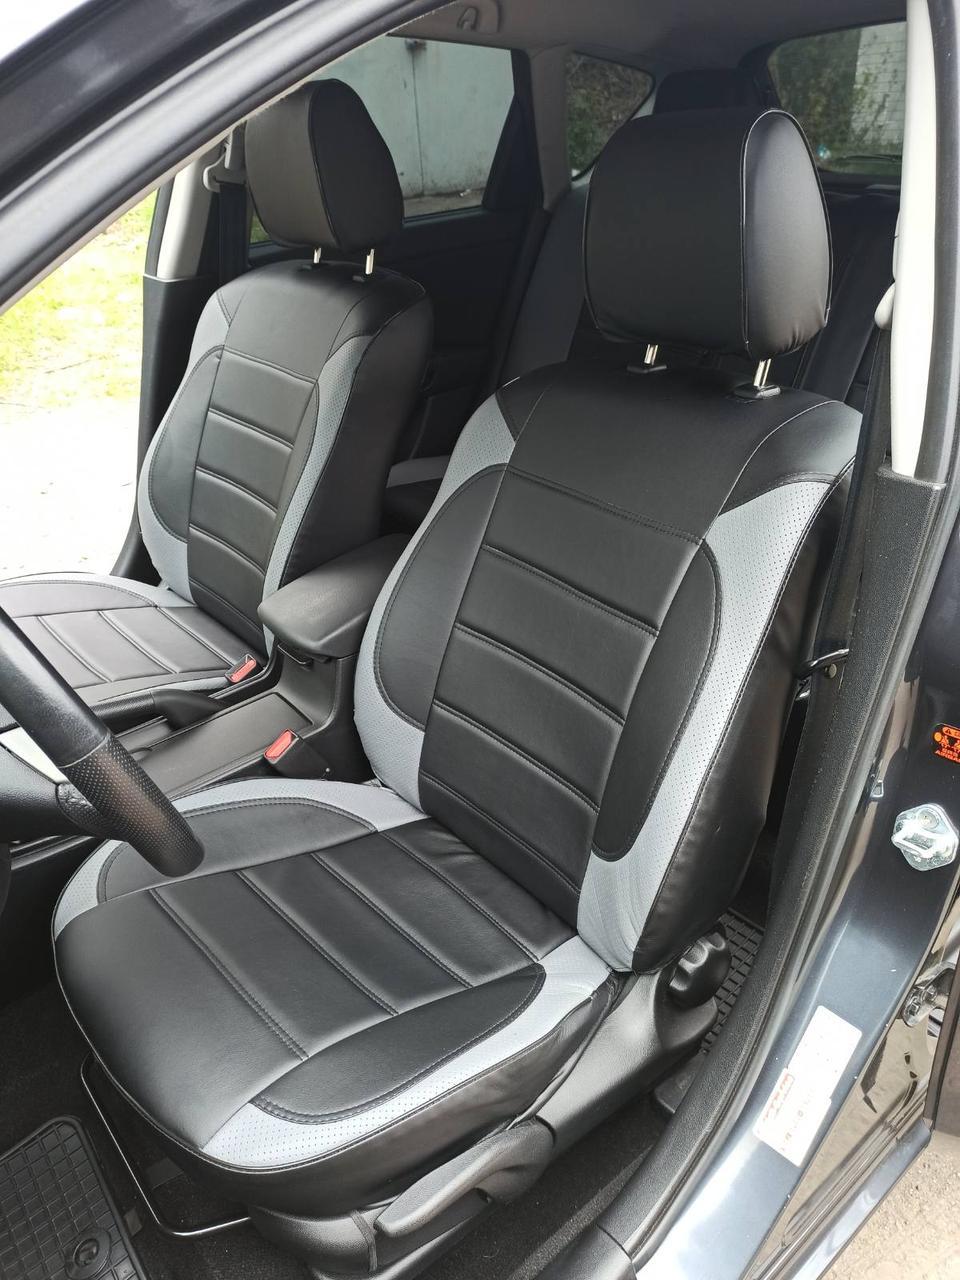 Чохли на сидіння Мітсубісі Лансер 9 (Mitsubishi Lancer 9) модельні MAX-L з екошкіри Чорно-сірий